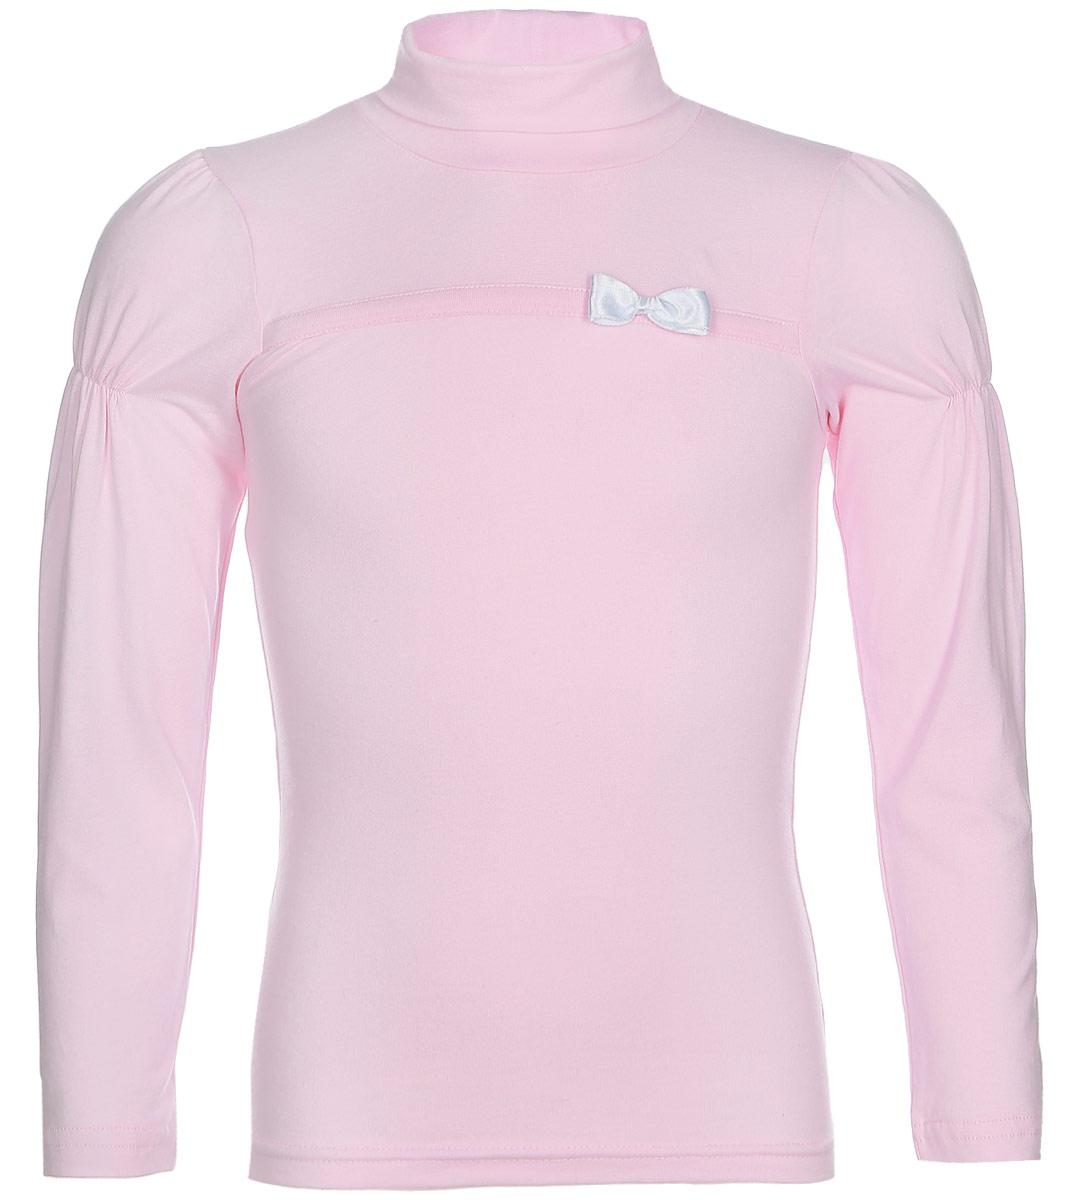 Водолазка для девочки LeadGen, цвет: розовый. G935006616-172. Размер 134G935006616-172Водолазка для девочки LeadGen выполнена из эластичного хлопкового трикотажа. Модель с длинными рукавами и воротником-гольф на груди оформлена лаконичным бантиком. Рукава на плечах присборены.